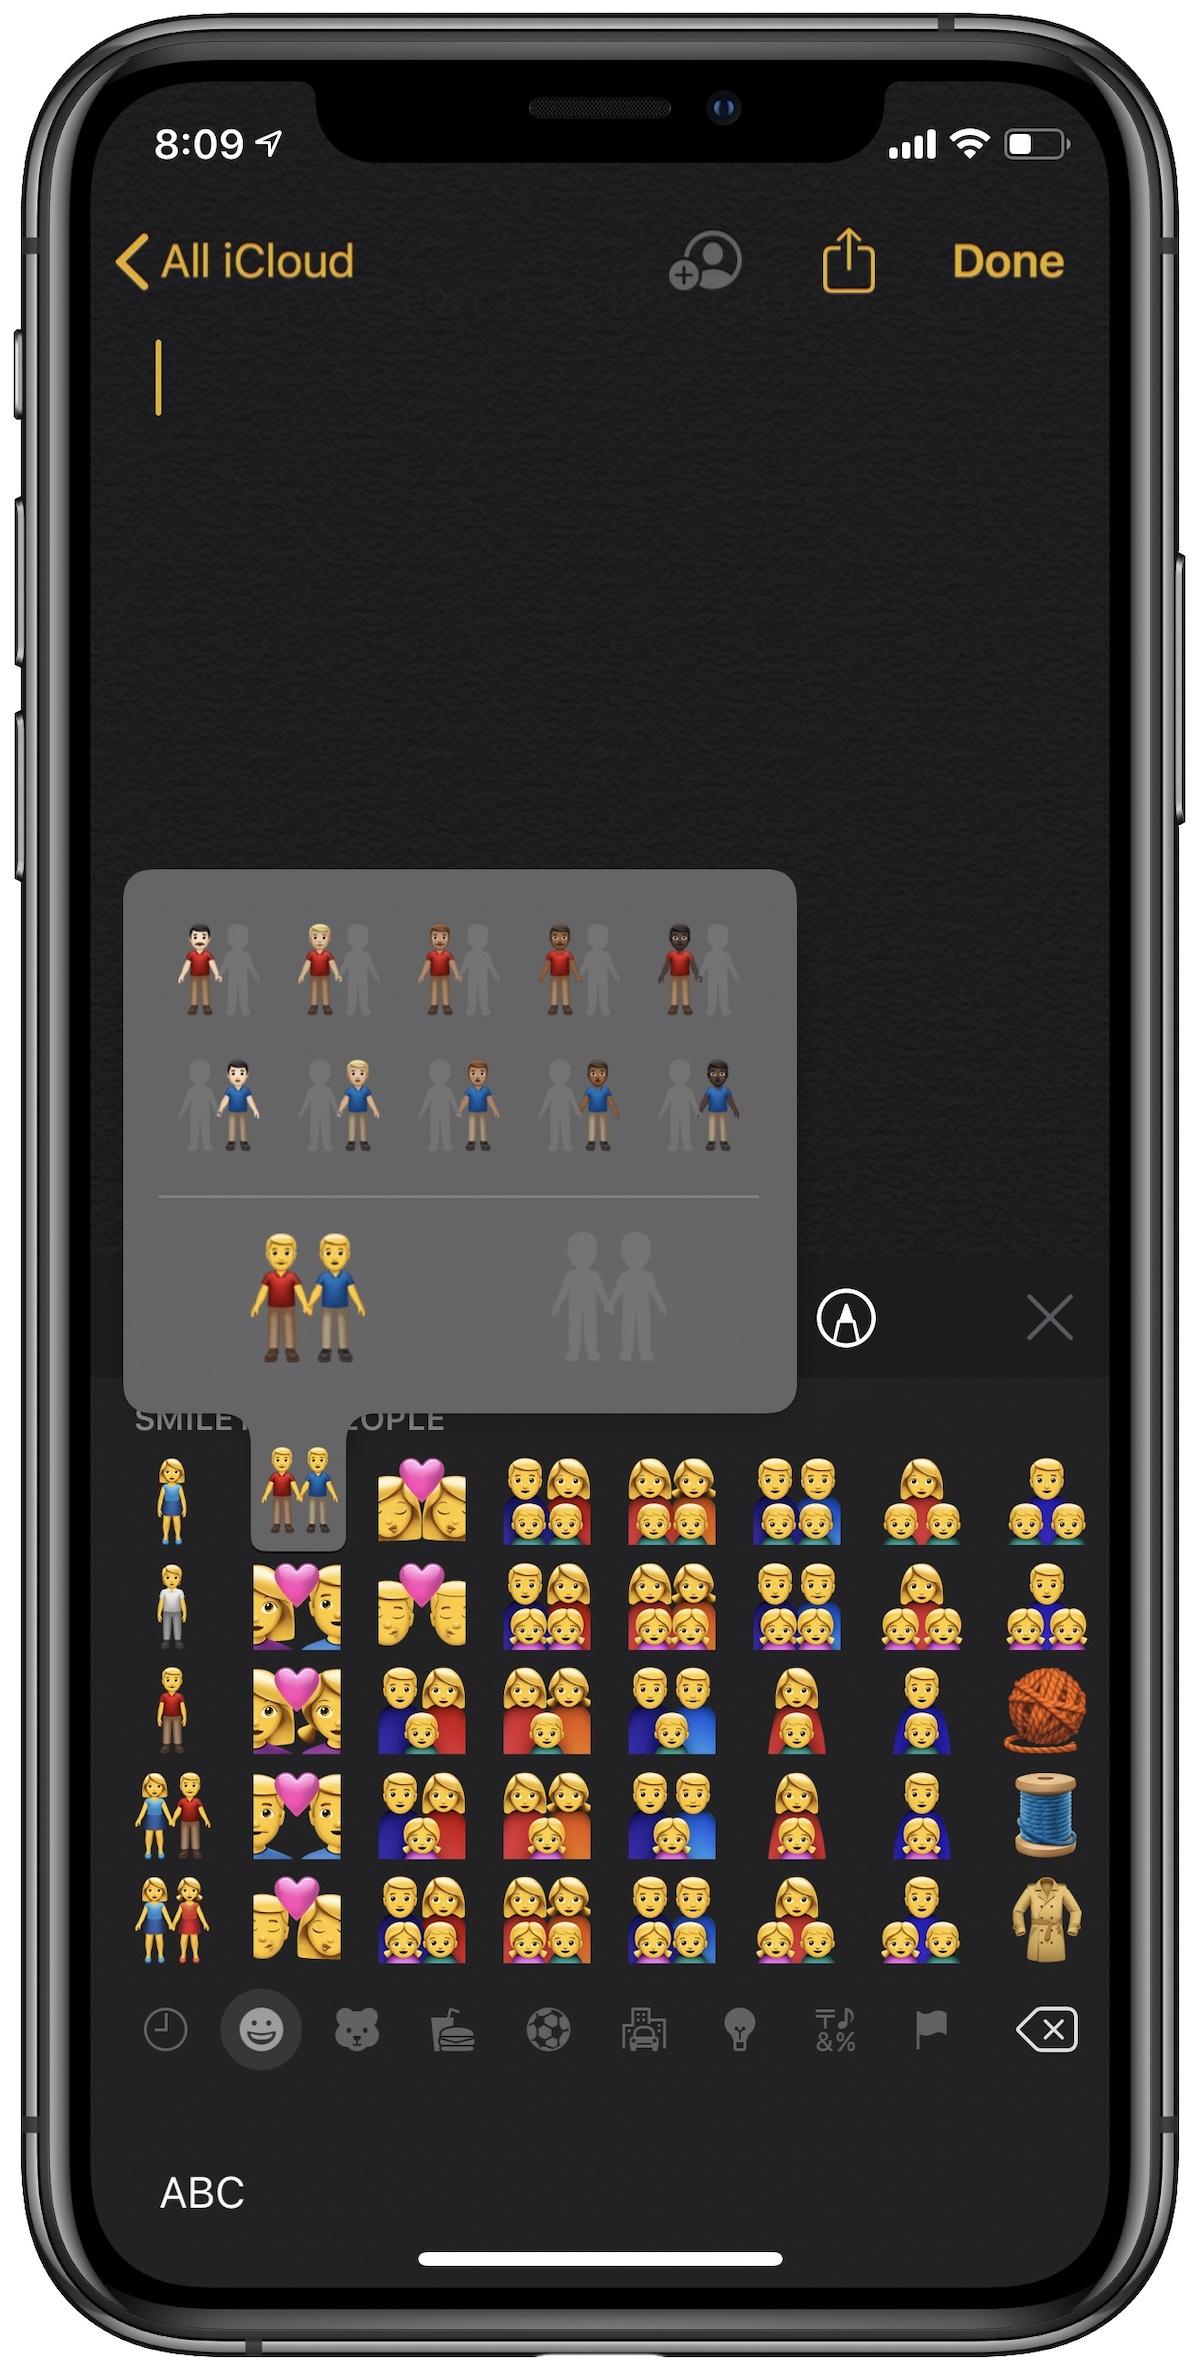 New diverse emojis